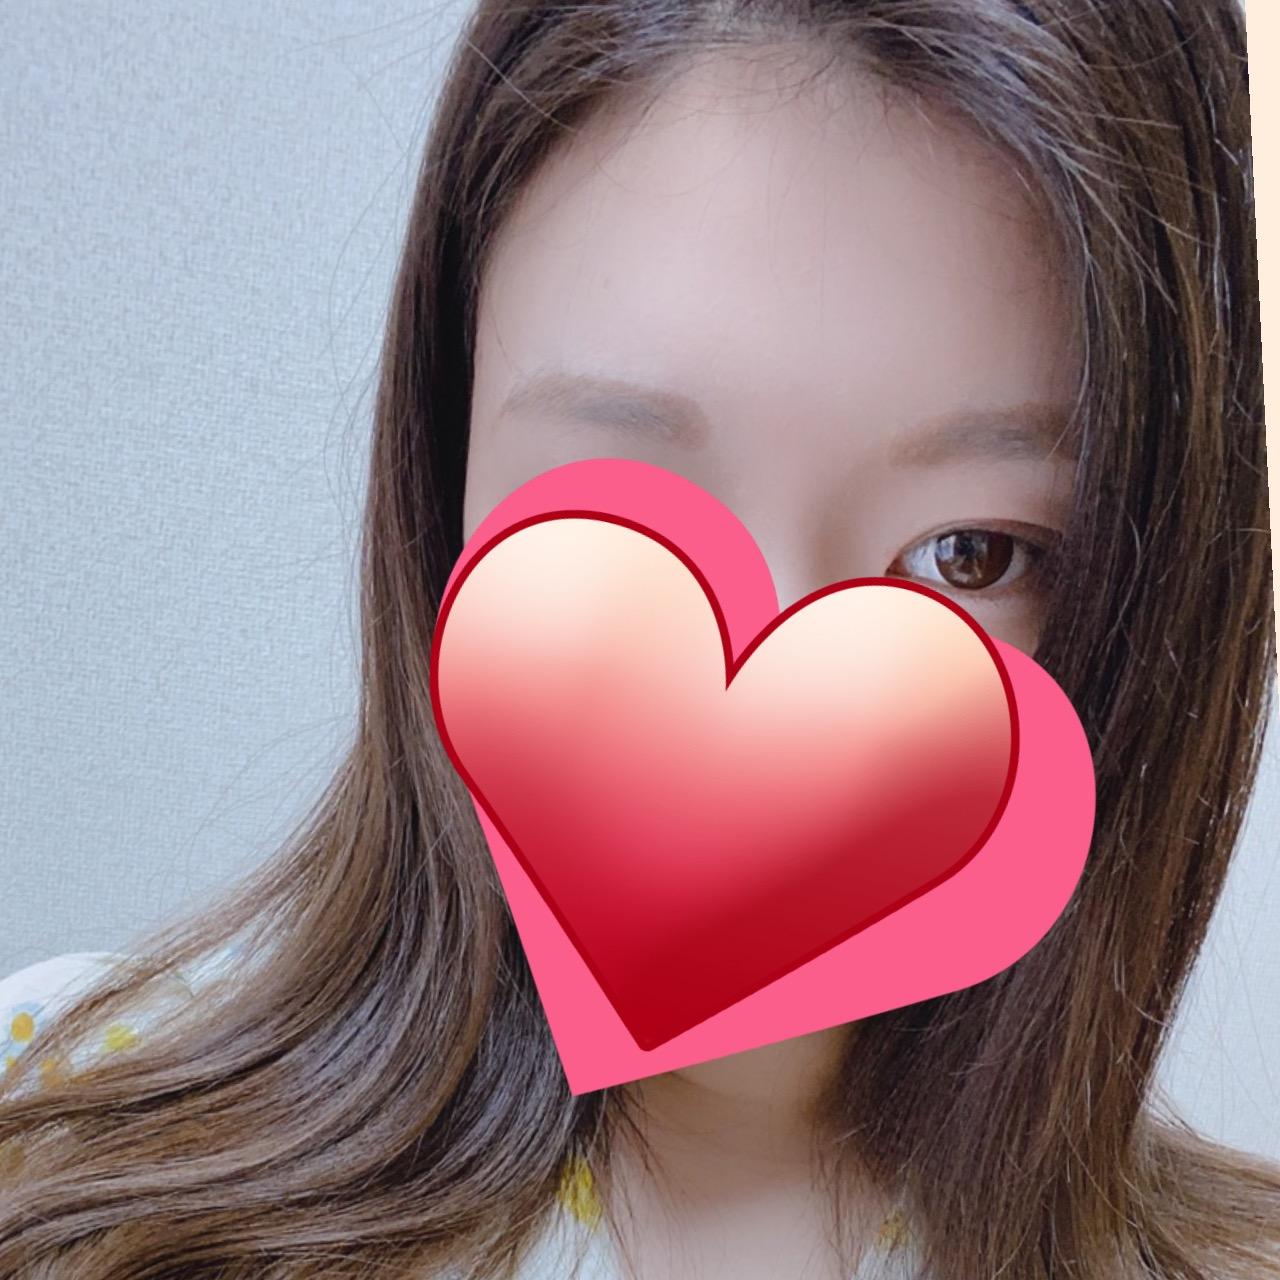 りこ(25)【圧倒的妖艶!エキゾチックで気品溢れる文句なしの逸材!】